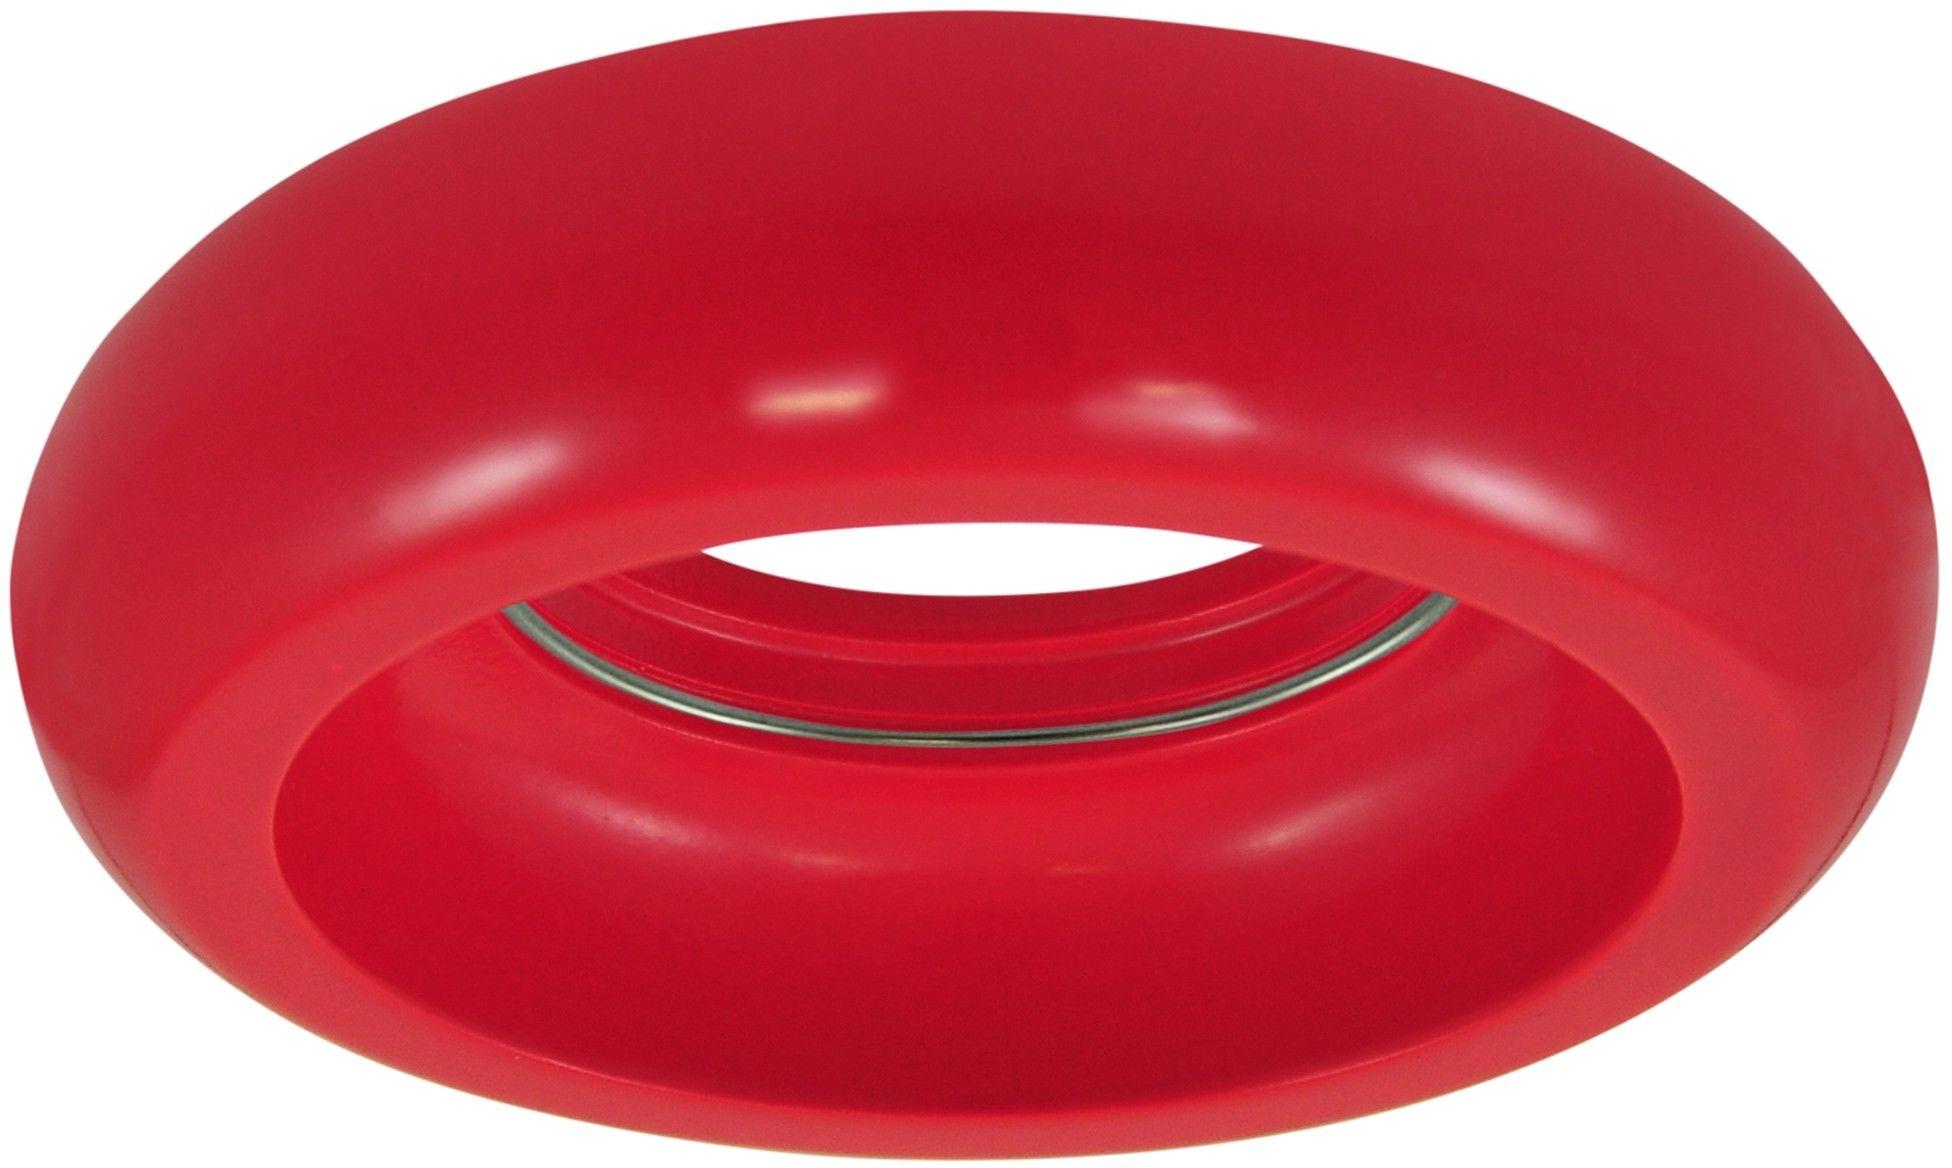 Oczko podtynkowe gipsowe 1x5W LED 12V HELIOS czerwony połysk 310019 POLUX/SANICO